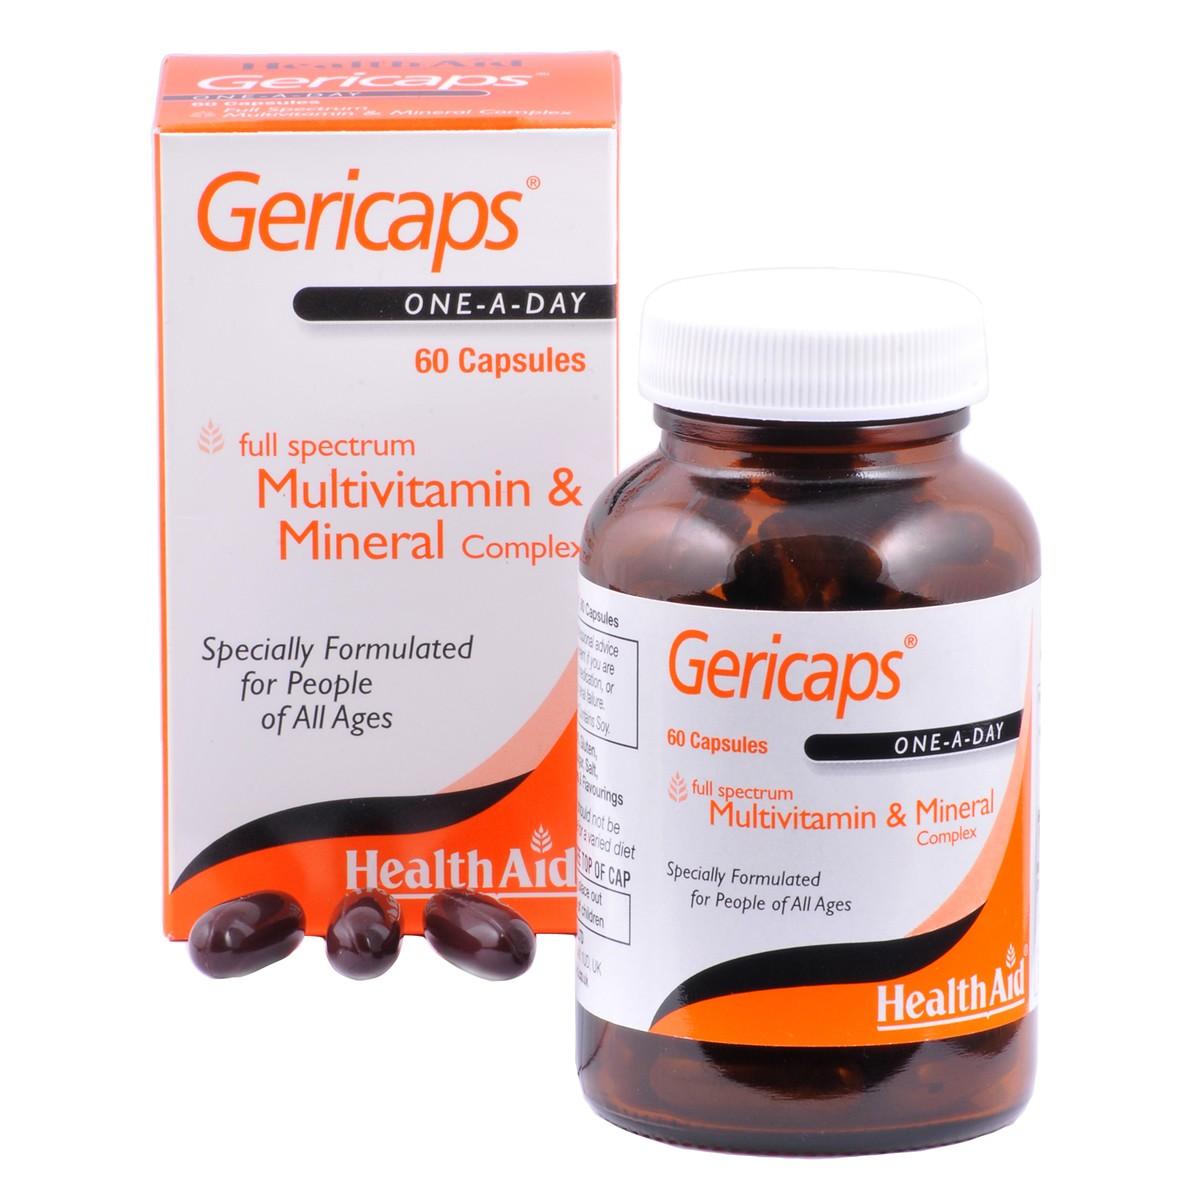 HealthAid Gericaps Multivitamins + Minerals